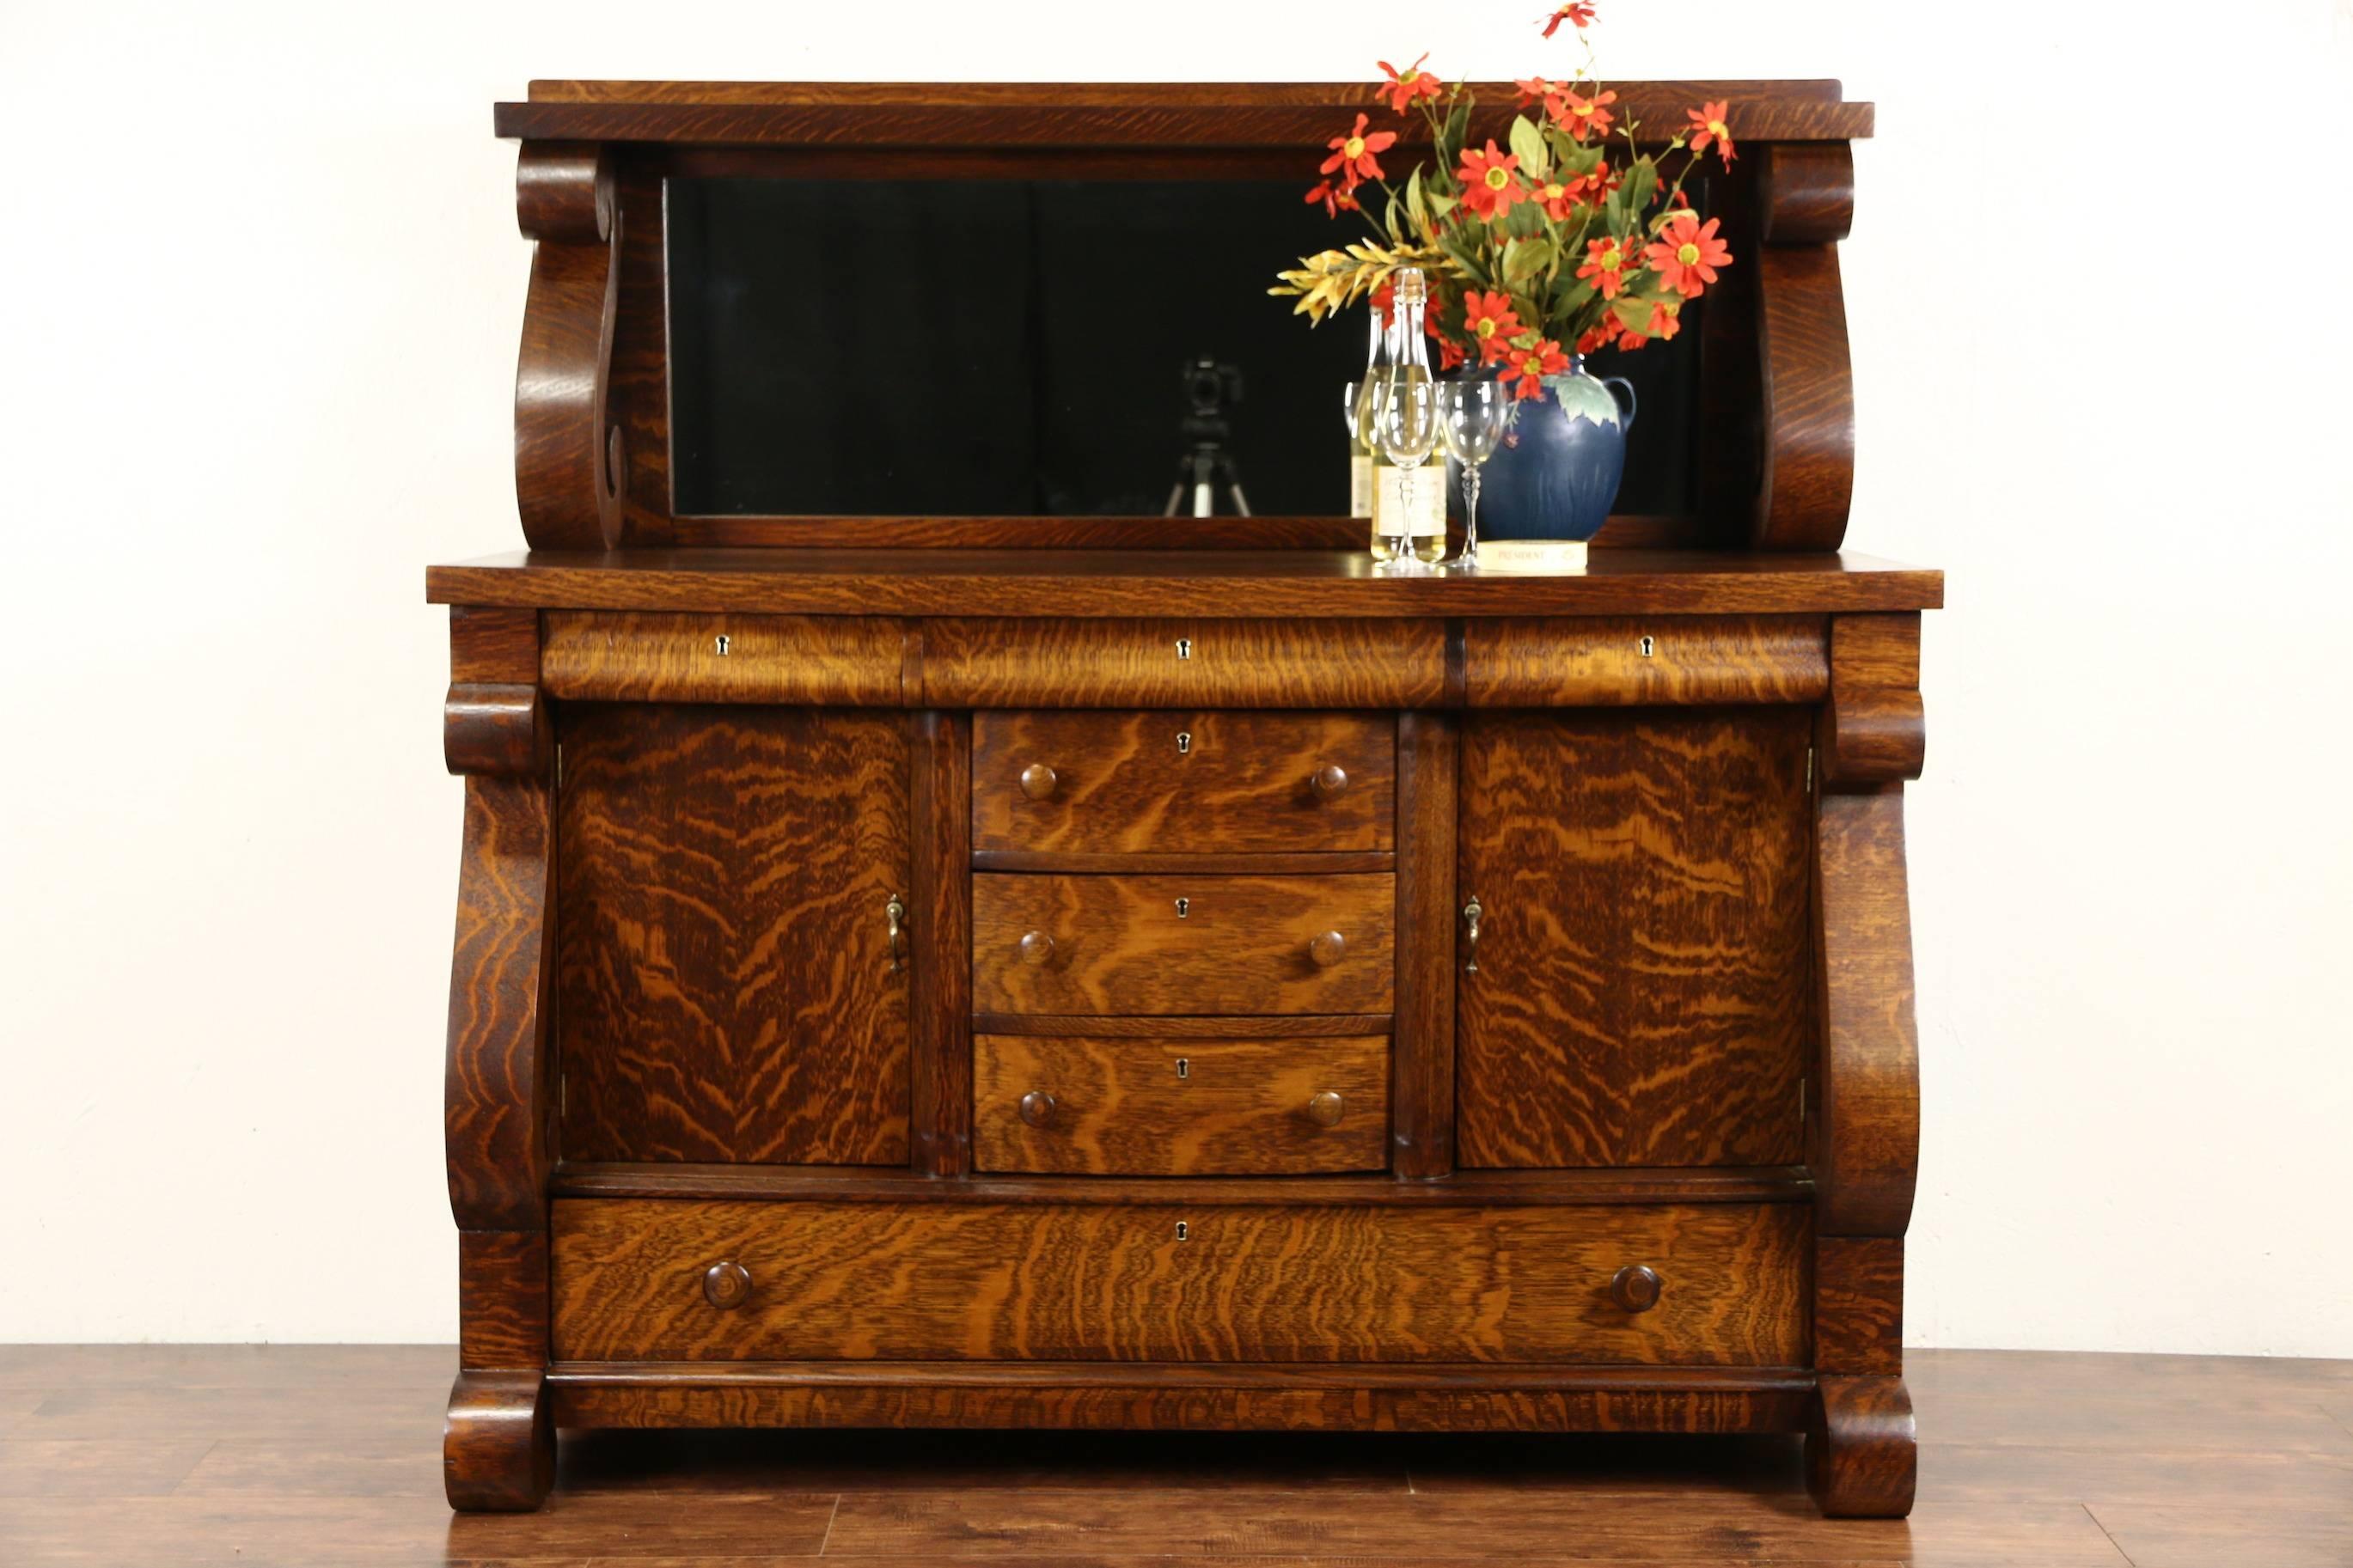 Sold - Oak 1910 Antique Empire Sideboard, Server Or Buffet, Mirror with Antique Sideboards With Mirror (Image 14 of 15)